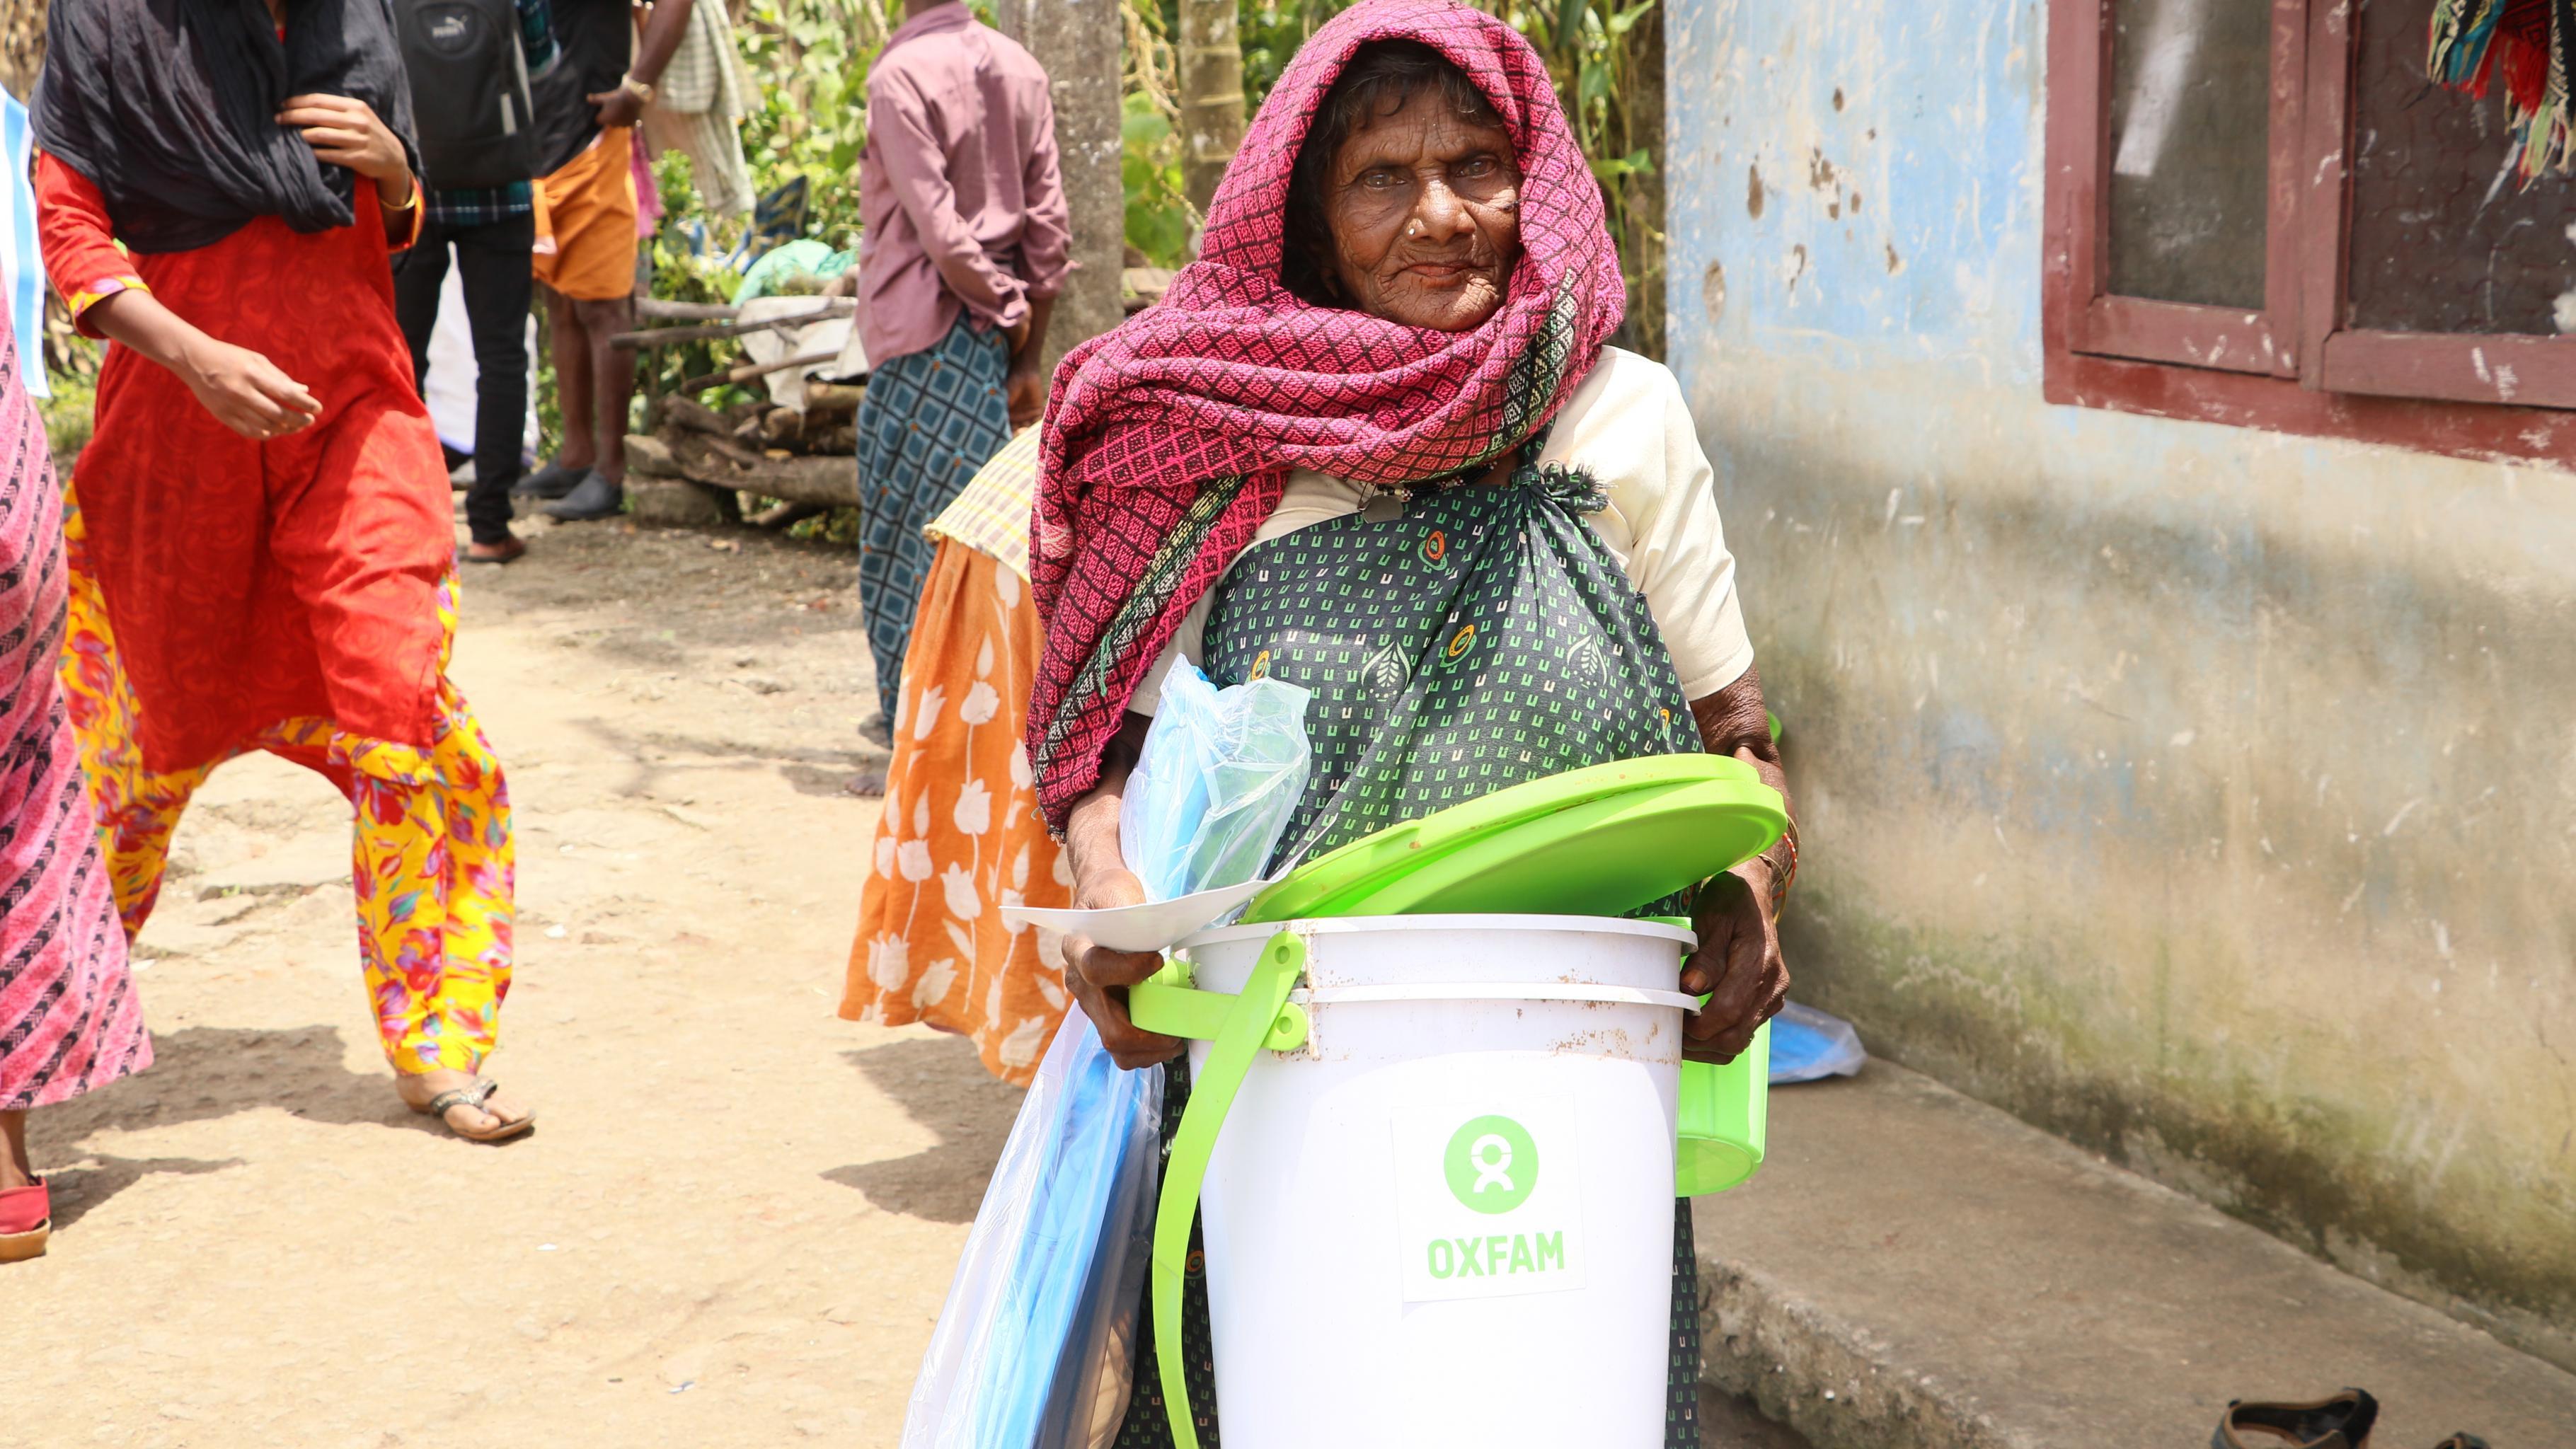 Frau, die Unterstützung von Oxfam erhalten hat